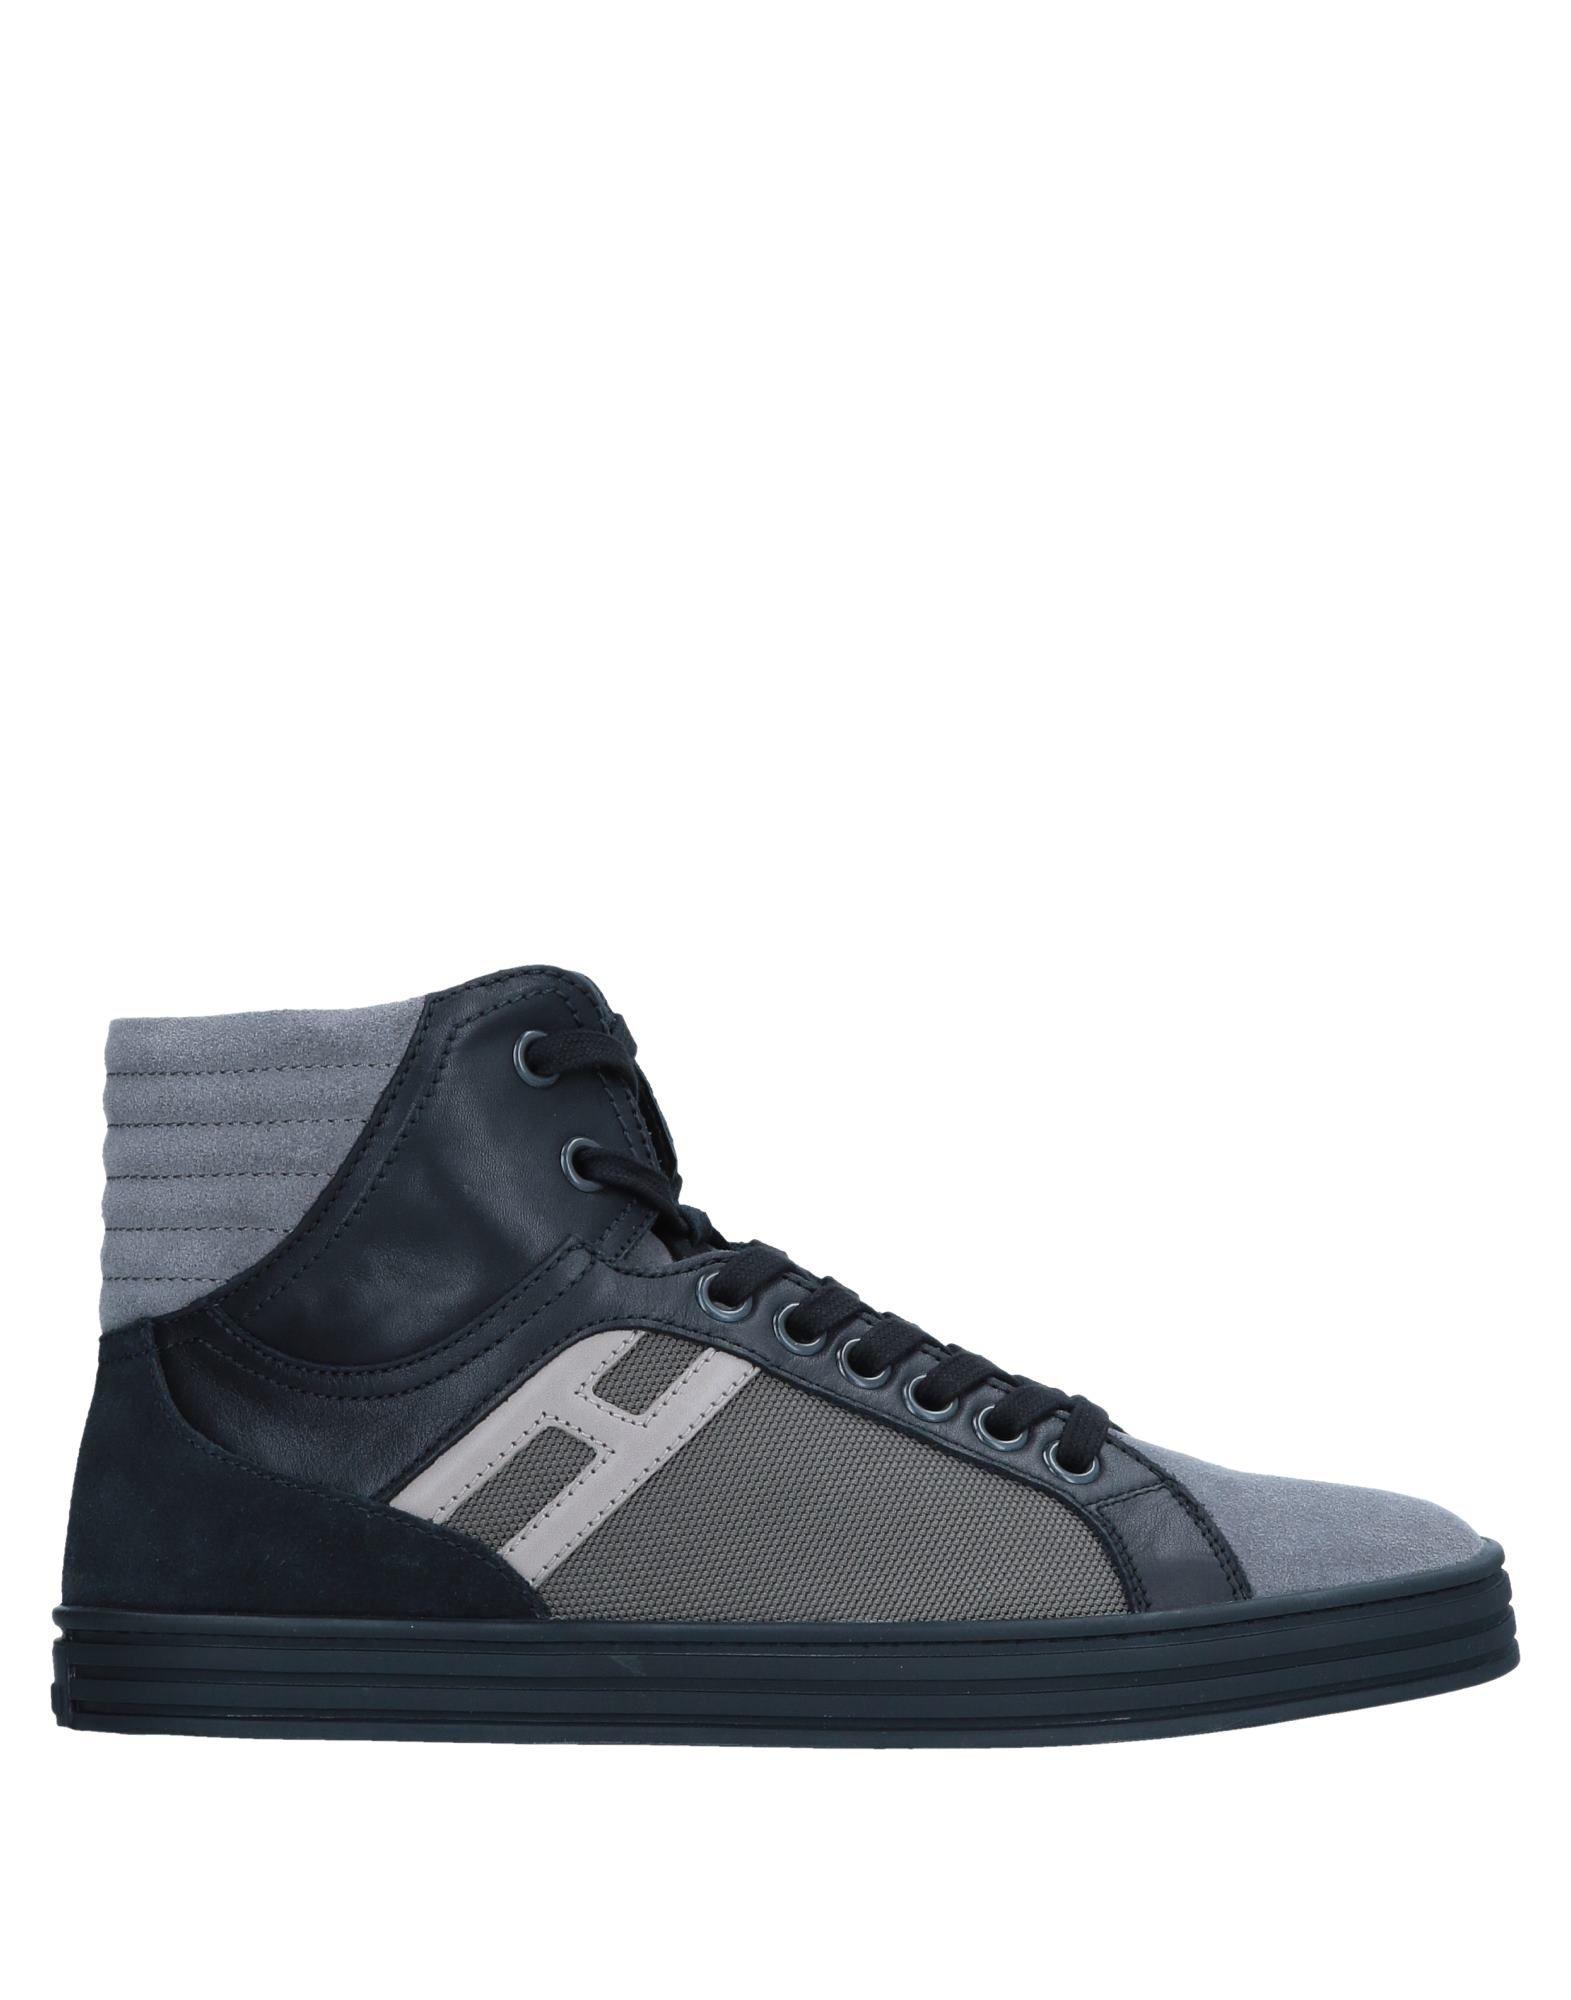 Hogan Rebel Sneakers Herren  11556561QK Gute Qualität beliebte Schuhe